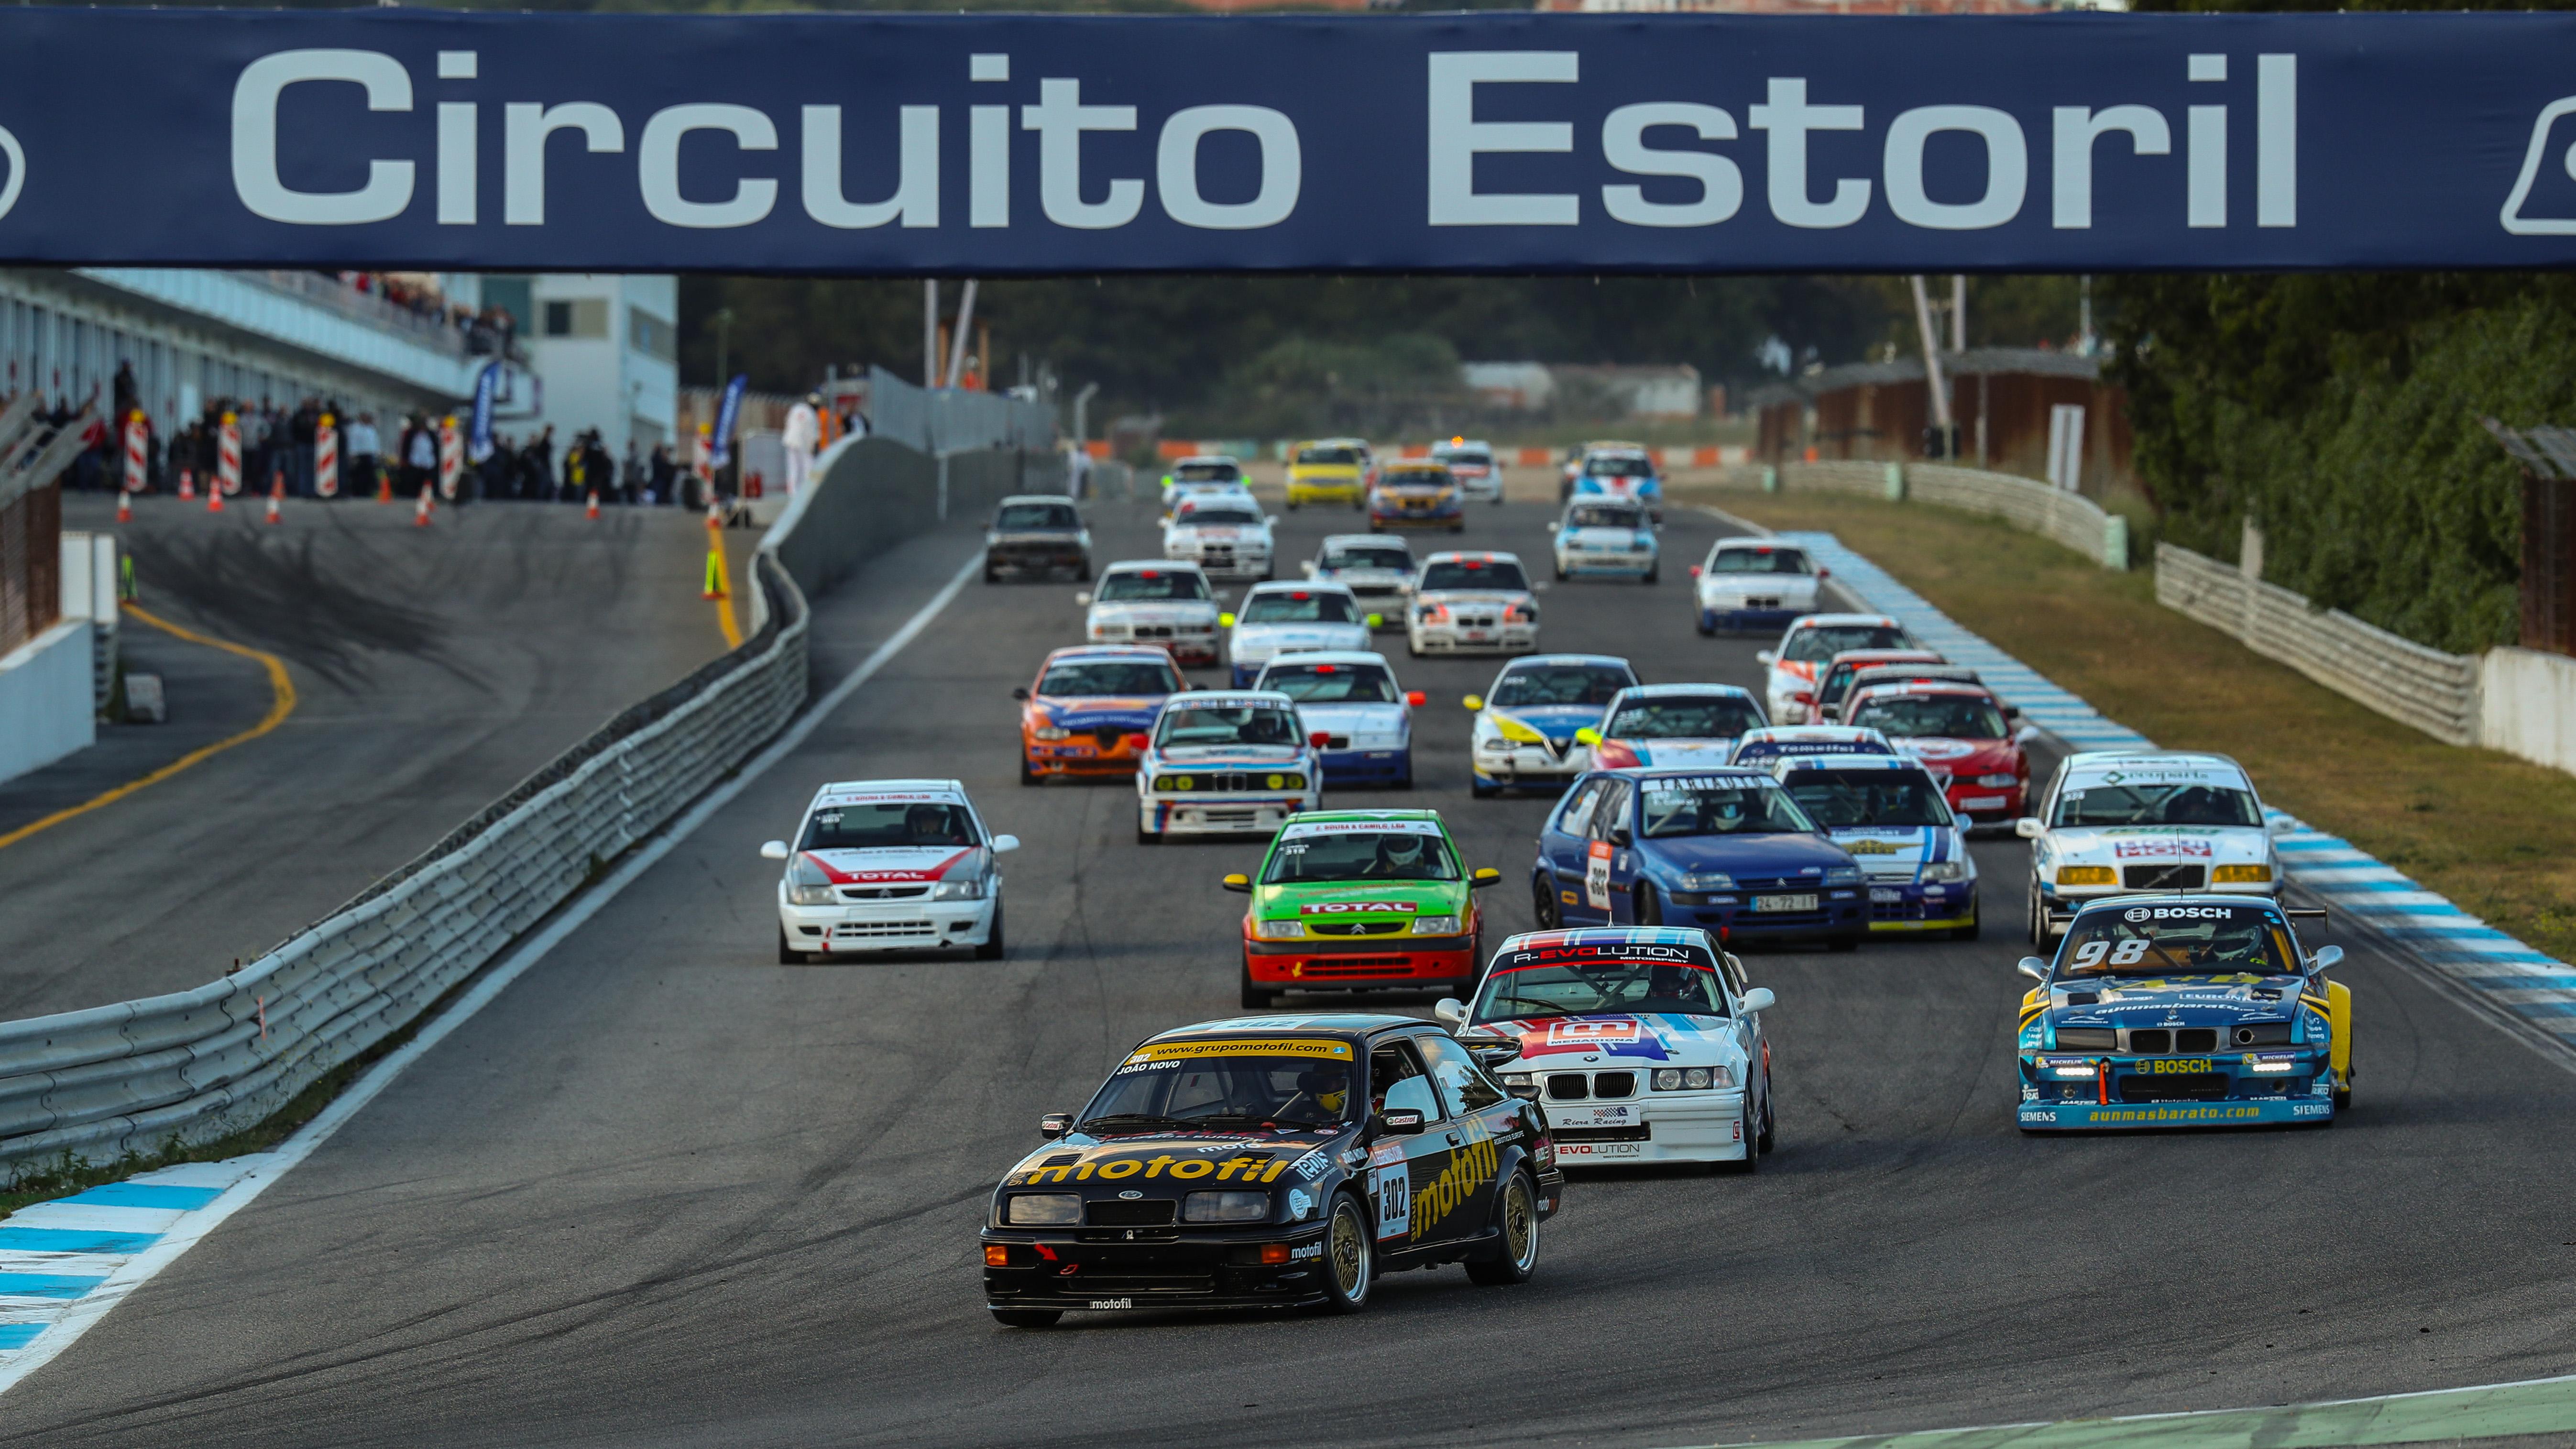 Circuito Vila Real : Lista de inscritos para o º circuito internacional de vila real